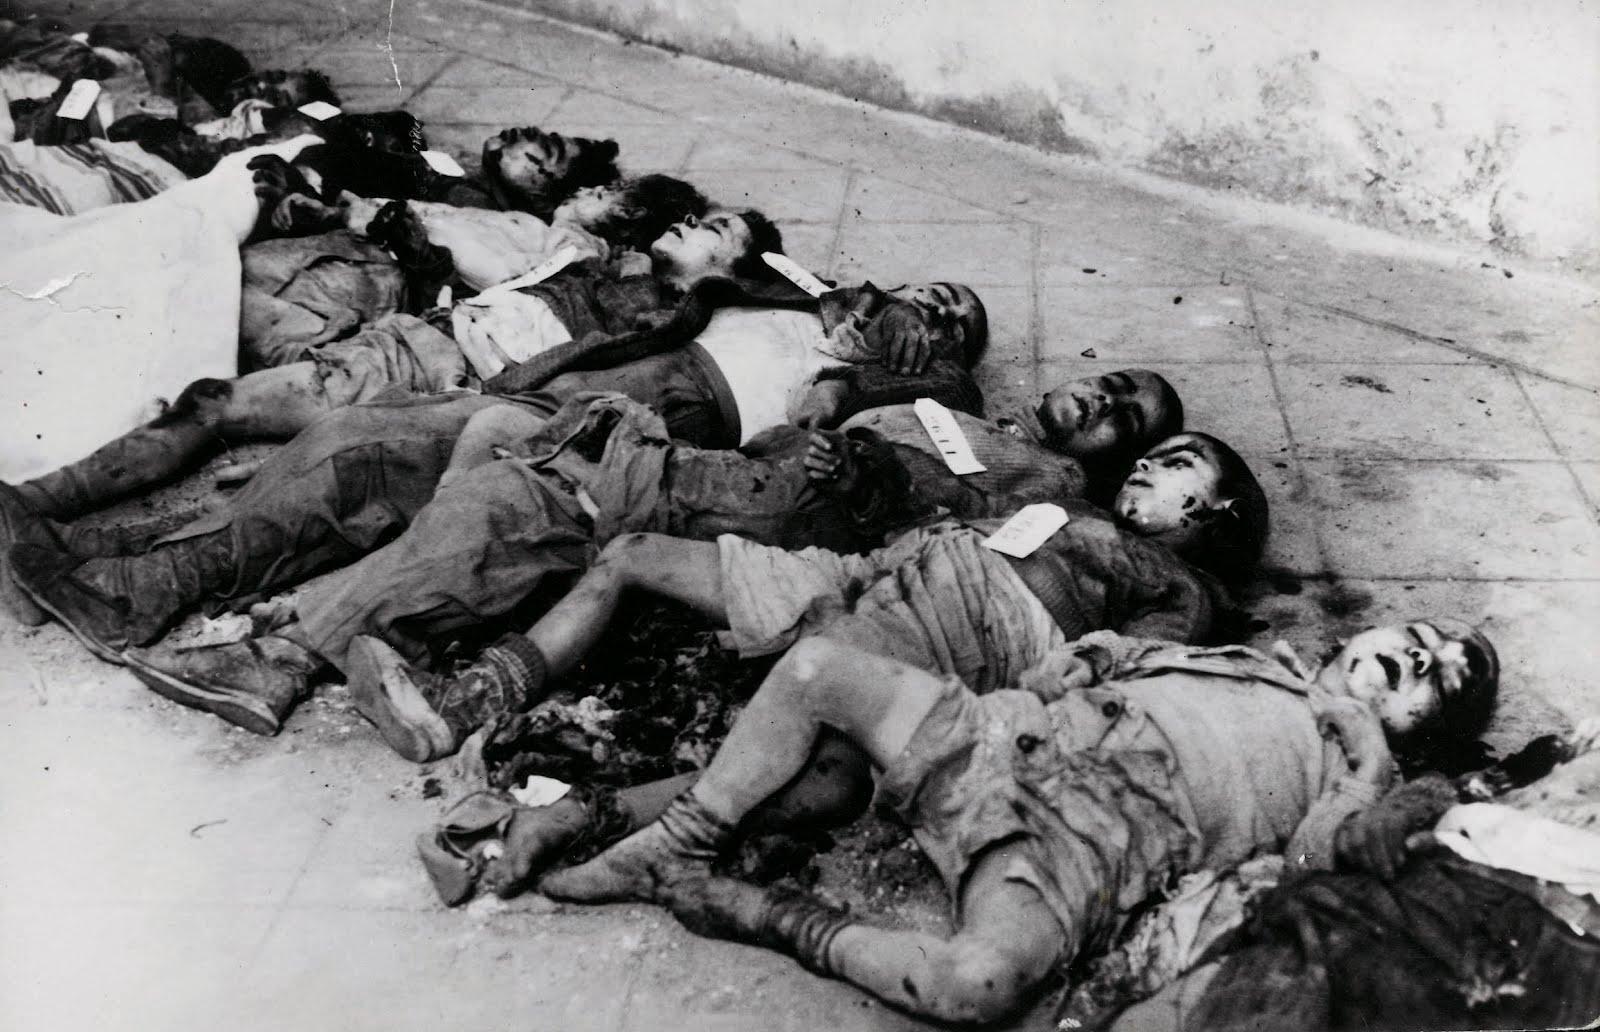 Fotos Antiguas de la Guerra Civil Española la Guerra Civil Española